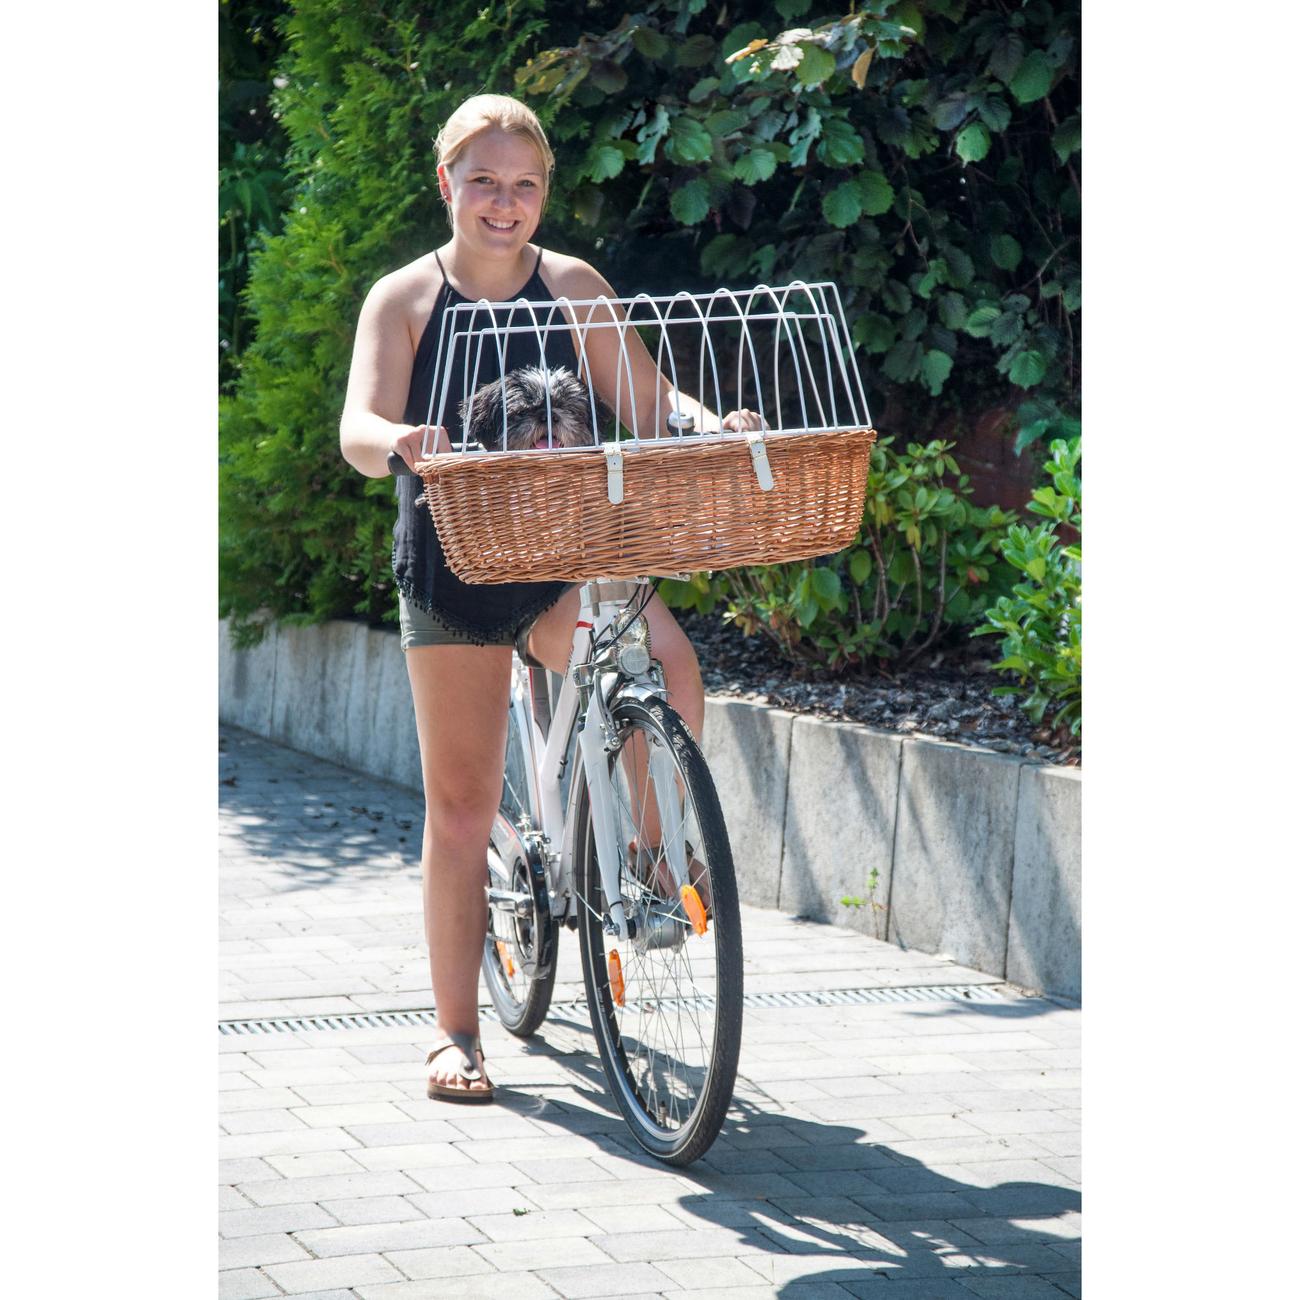 Aumüller Hundefahrradkorb Steuerkopfmontage vorne von Aumüller, Bild 3